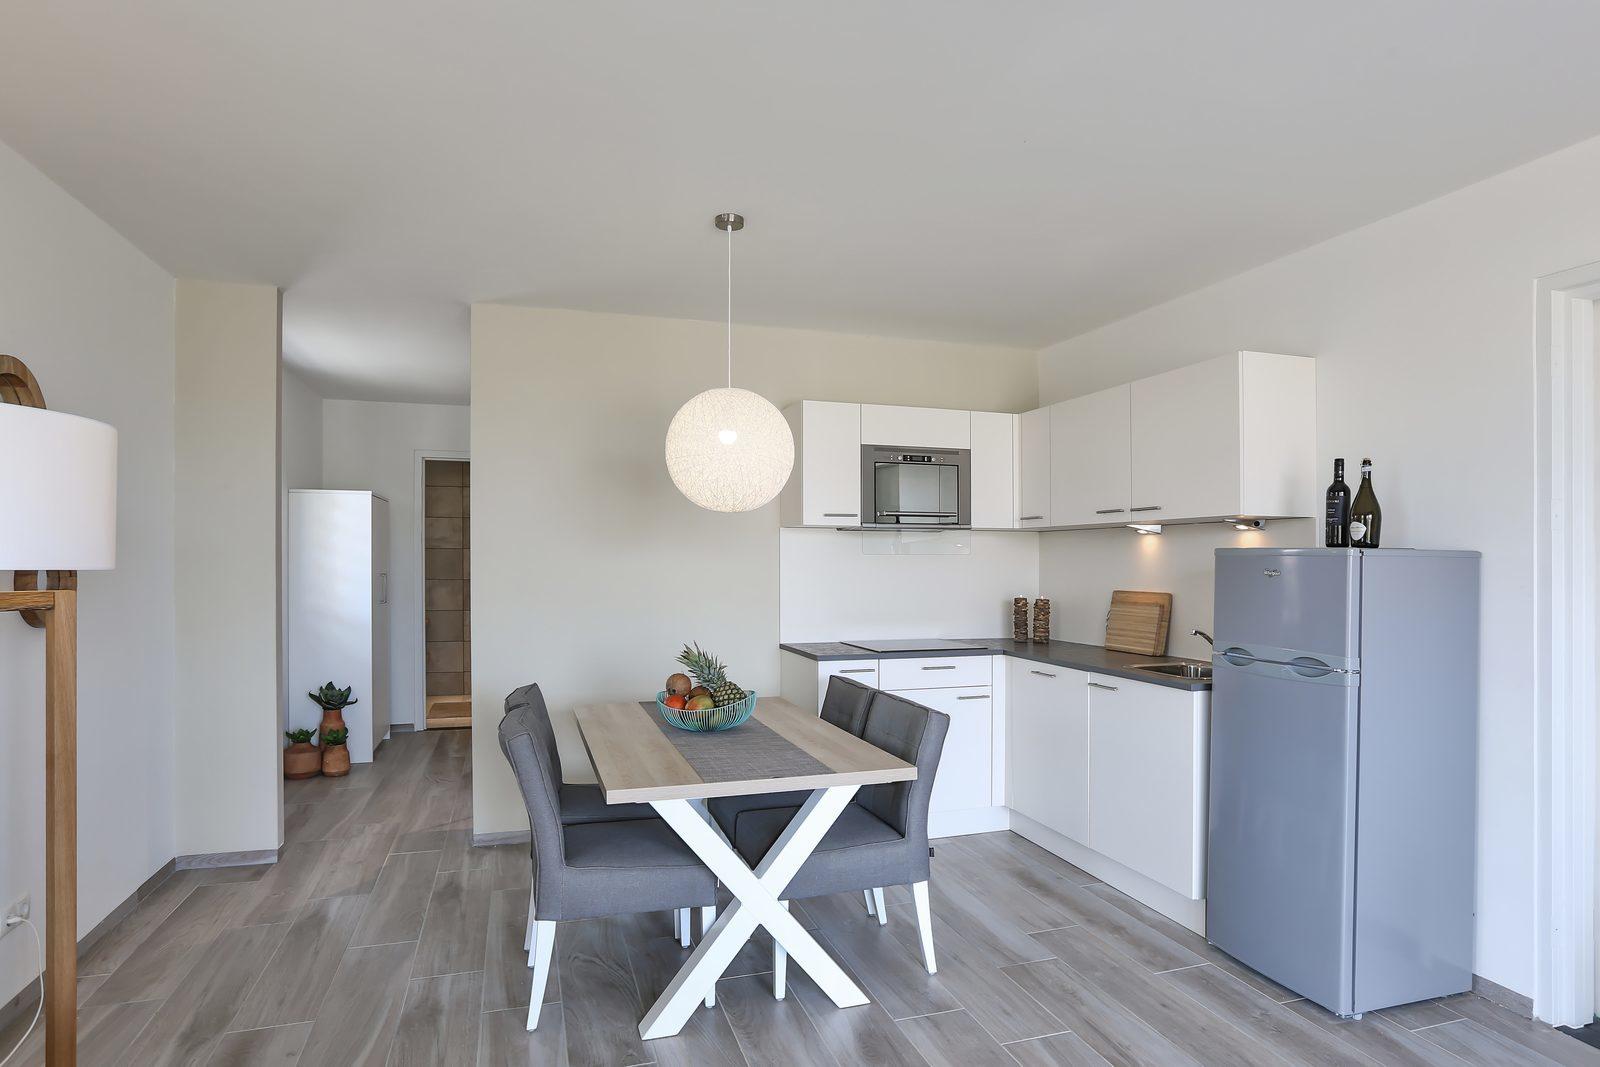 Les appartements du Resort Bonaire sont très spacieux. Ils sont faits pour de quatre à six personnes.